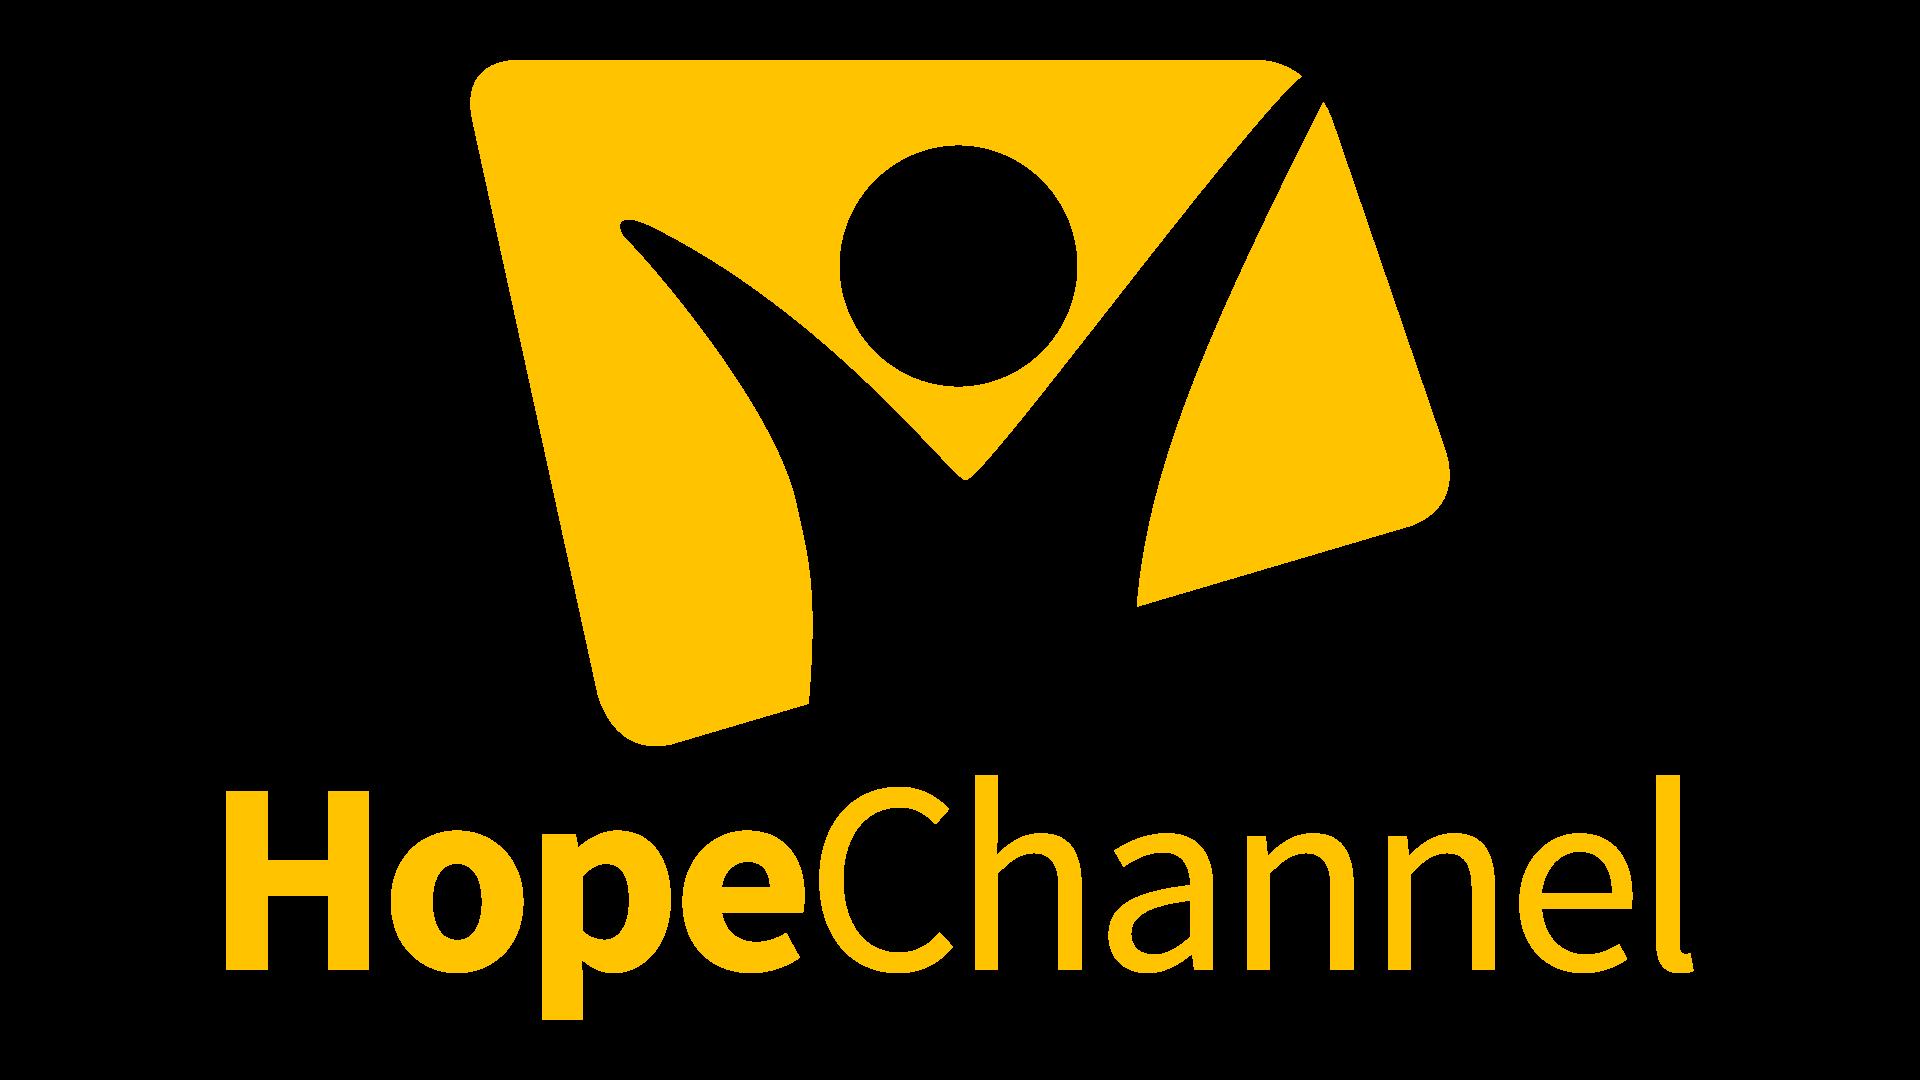 Hope Channel Russia en vivo, Online